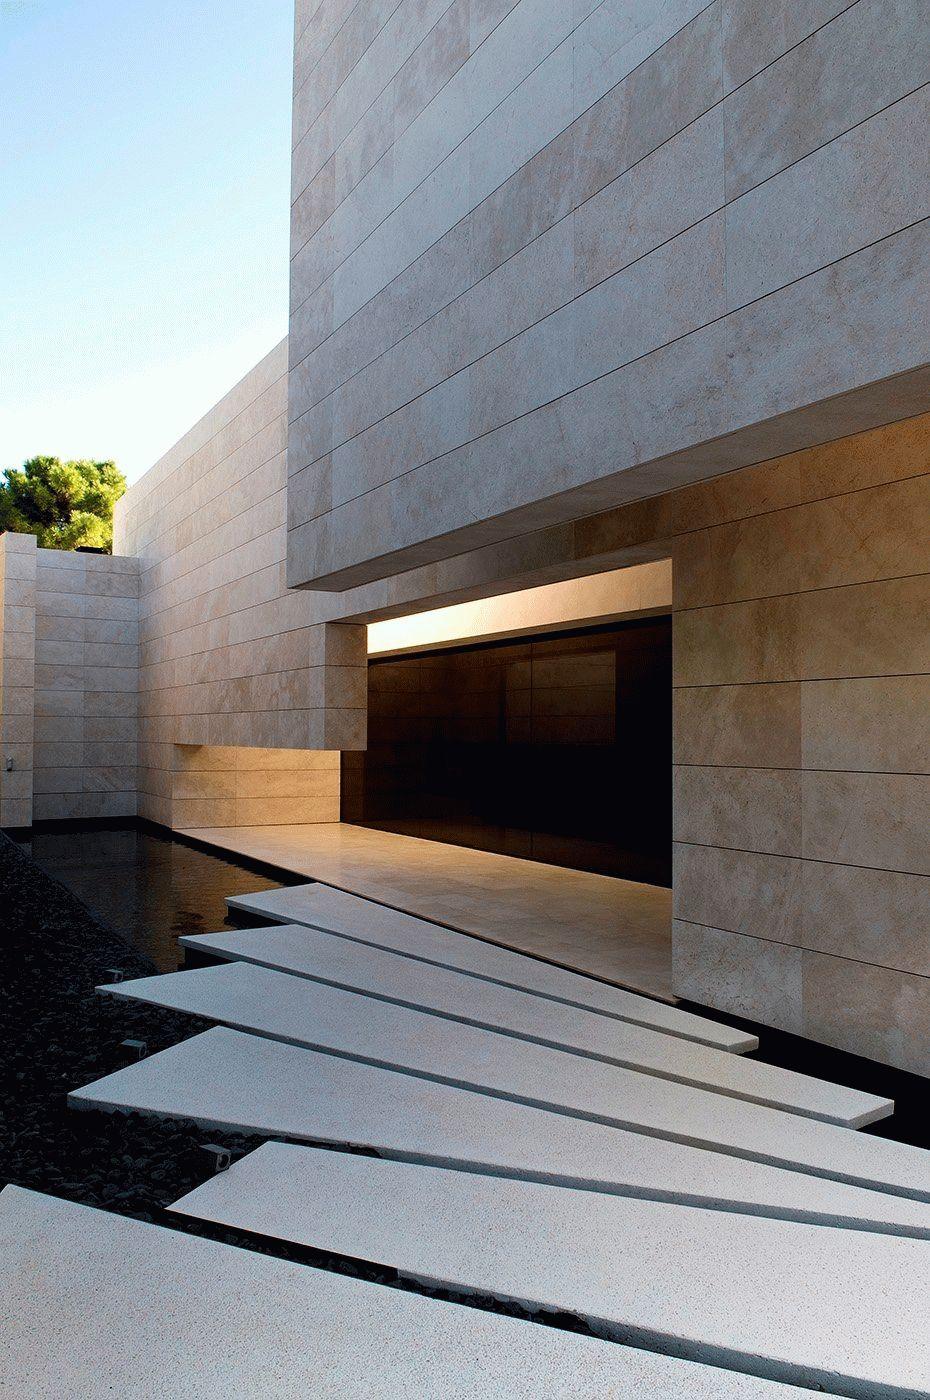 Дорожка ко входу из бетонных блоков разной формы